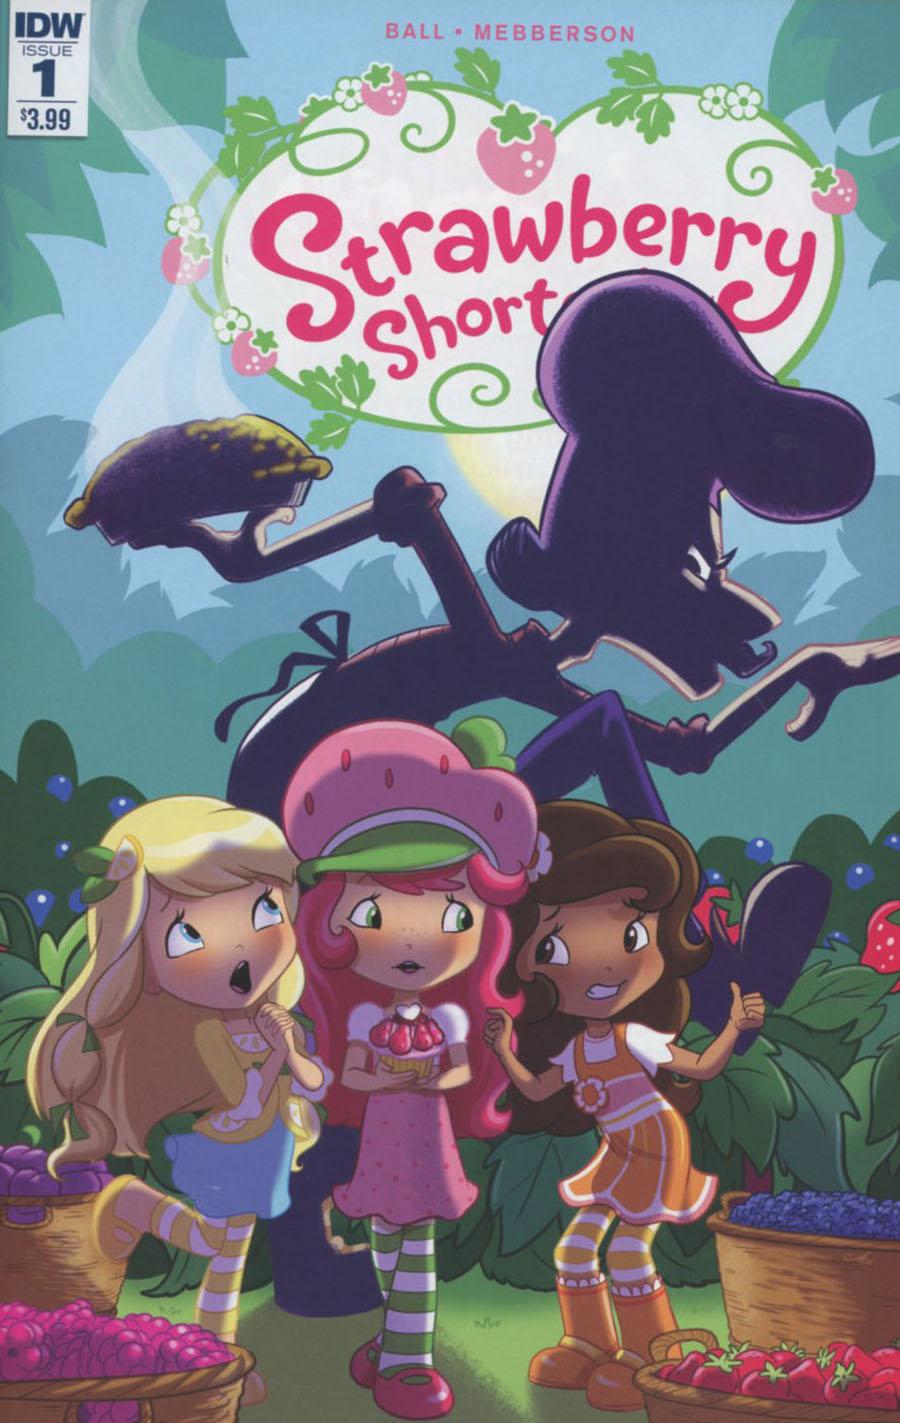 Strawberry Shortcake Vol 3 #1 Cover A Regular Amy Mebberson Cover